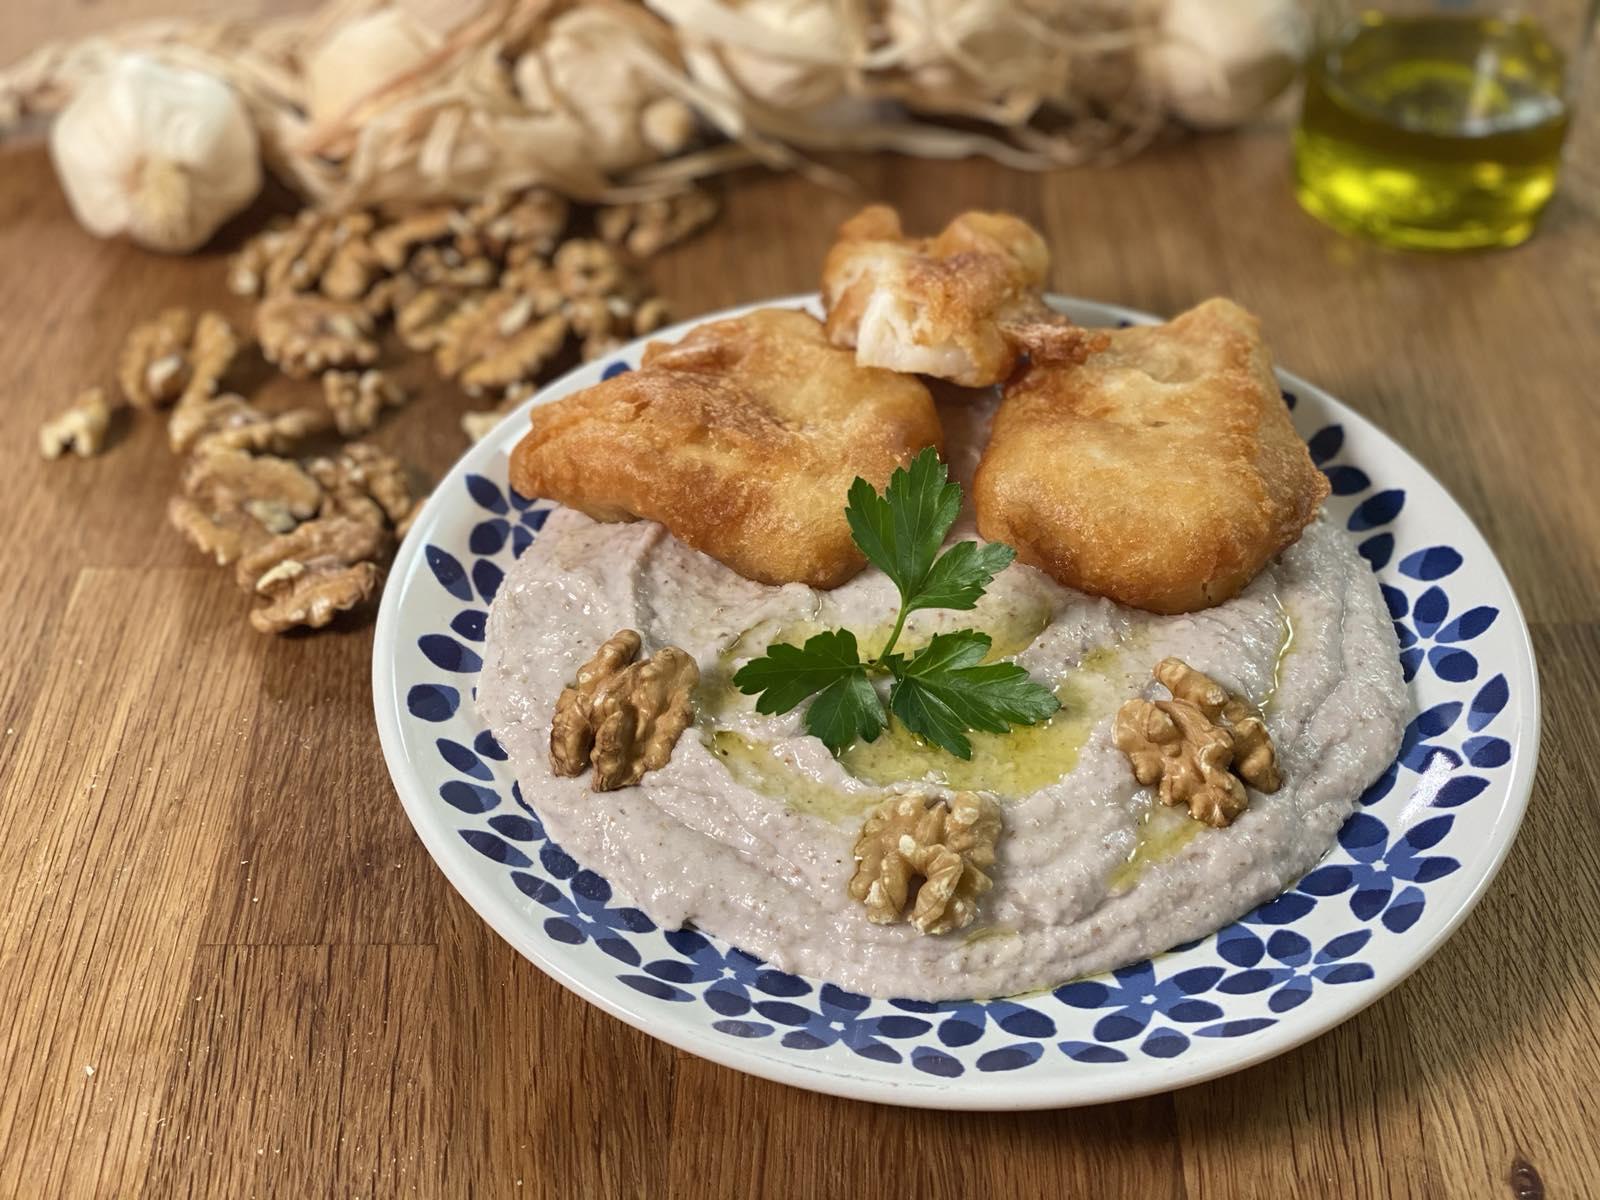 Τι τρώμε την 25η Μαρτίου; Μπακαλιάρος τηγανητός σκορδαλιά με τραγανό κουρκούτι και όλα τα μυστικά της Αργυρώς Μπαρμπαρίγου-featured_image